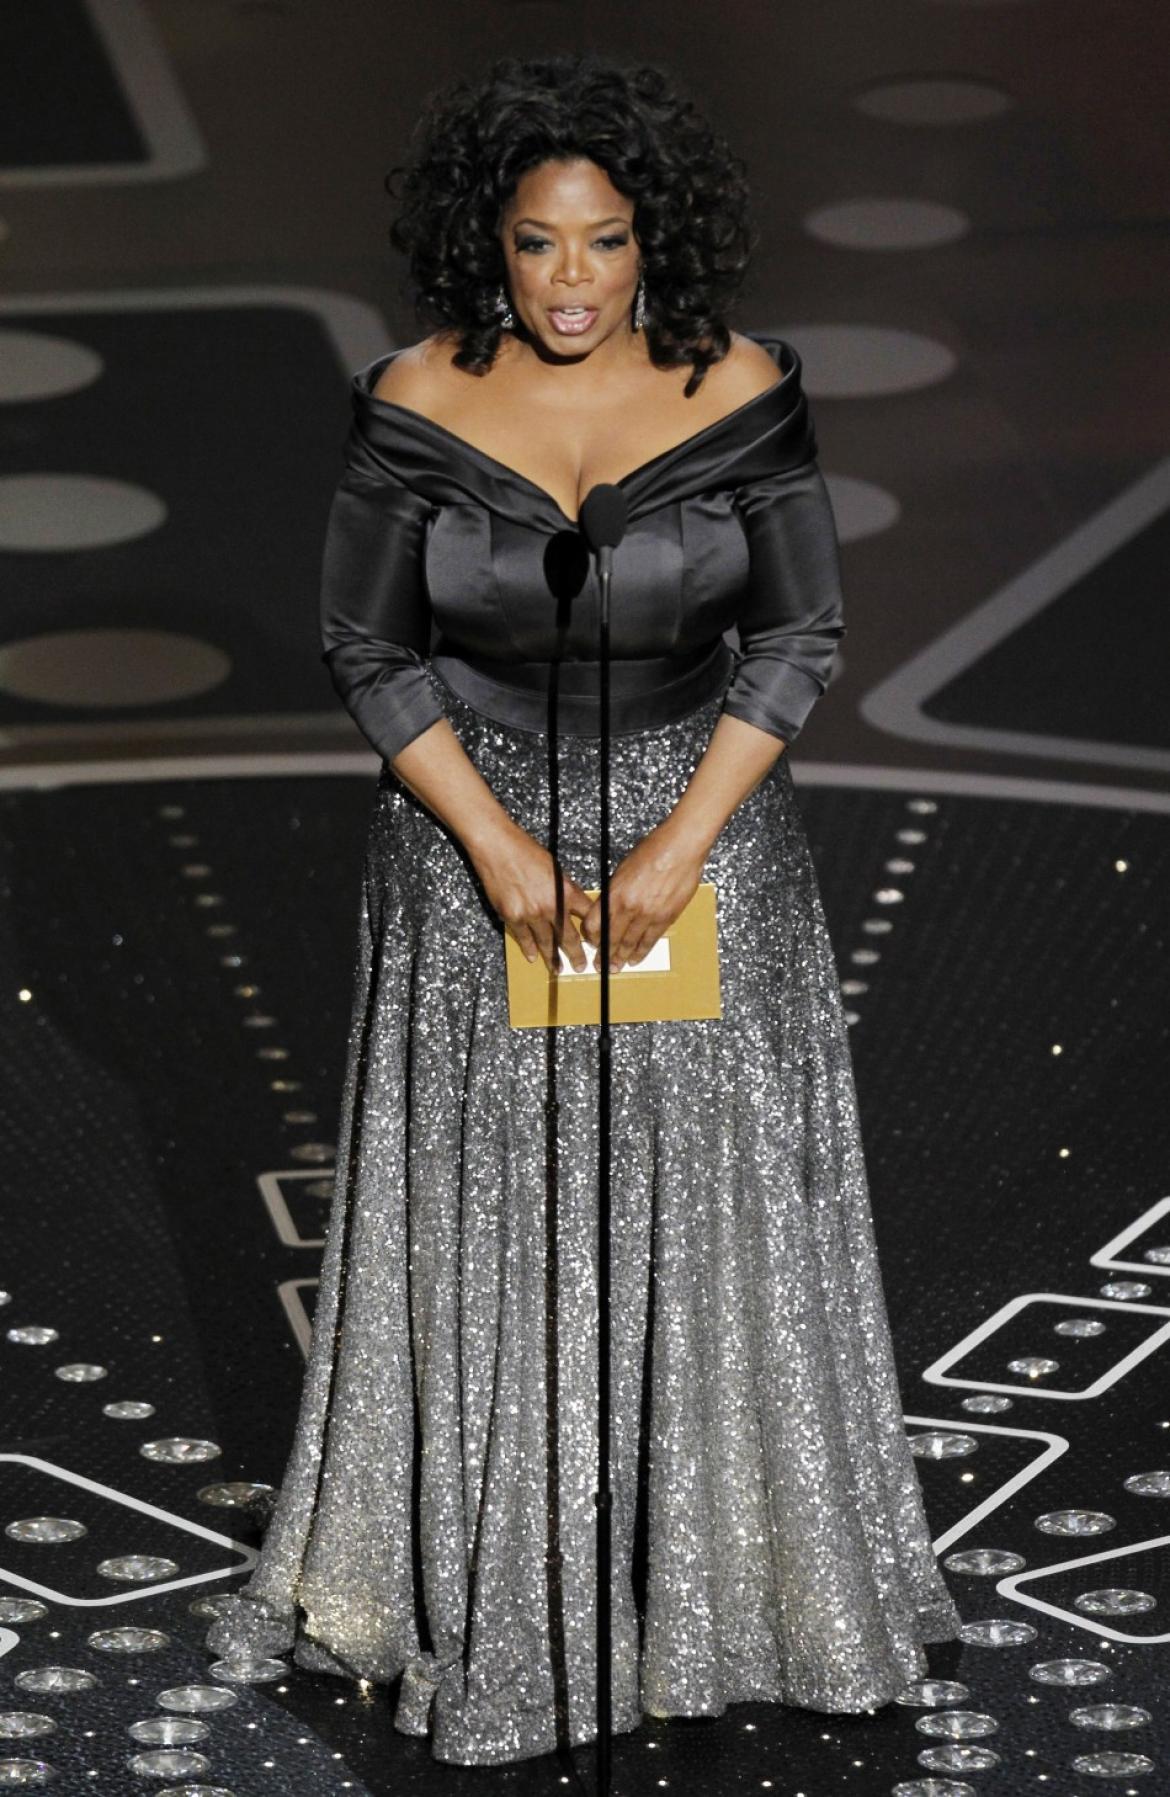 142523-oprah-winfrey Top 10 Life Advices from Oprah Winfrey